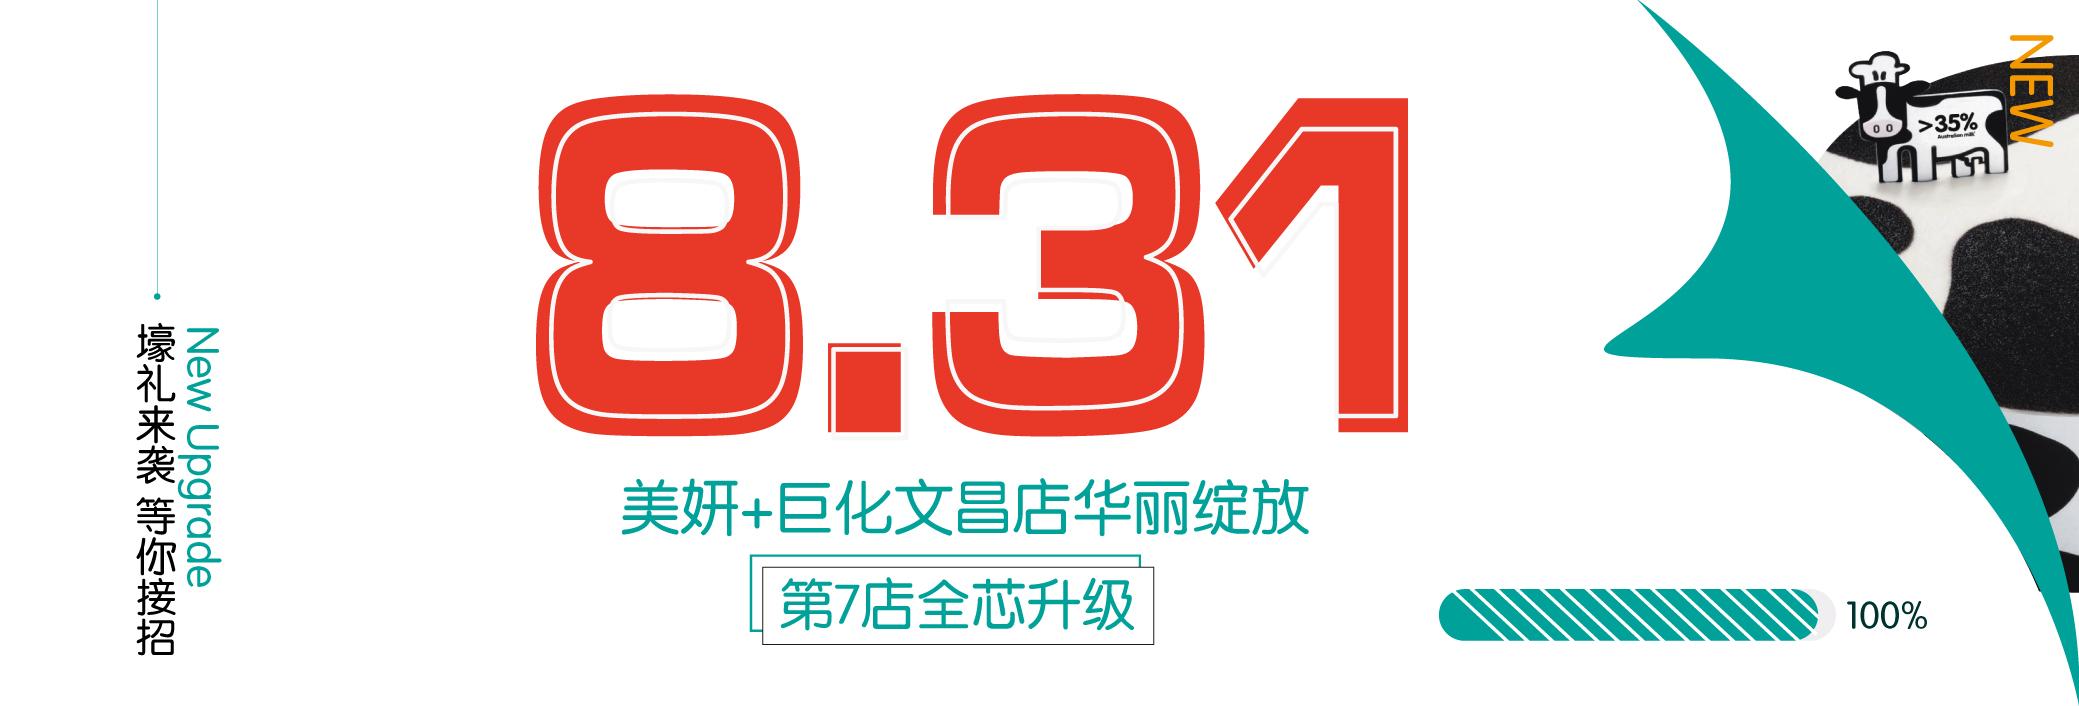 logo logo 标志 设计 矢量 矢量图 素材 图标 2079_706